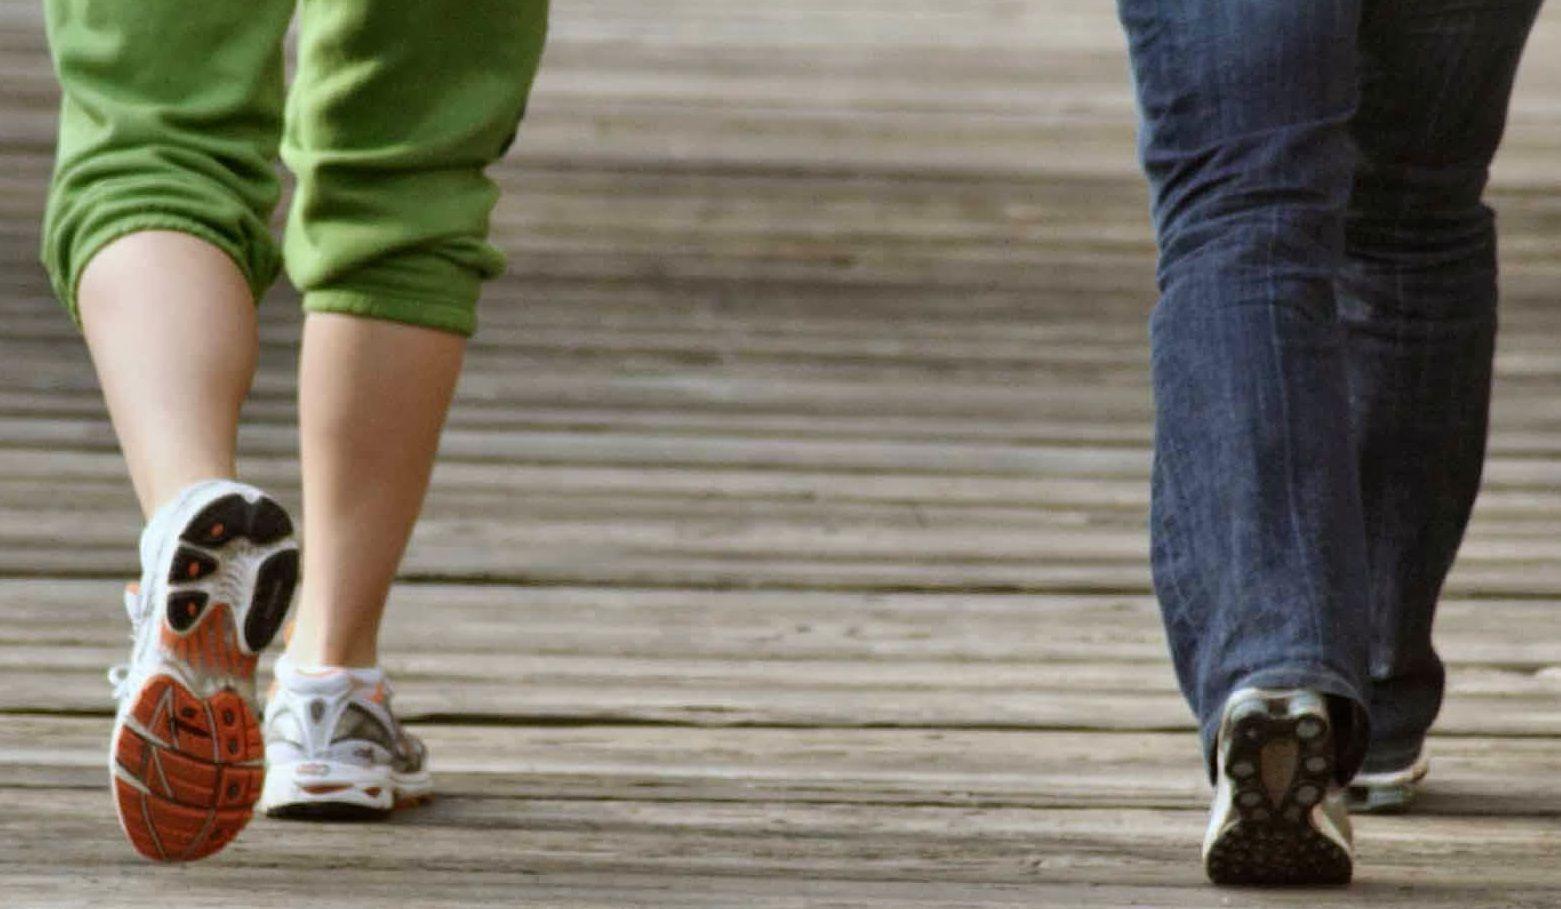 تجارب فوائد المشي في انقاص الوزن